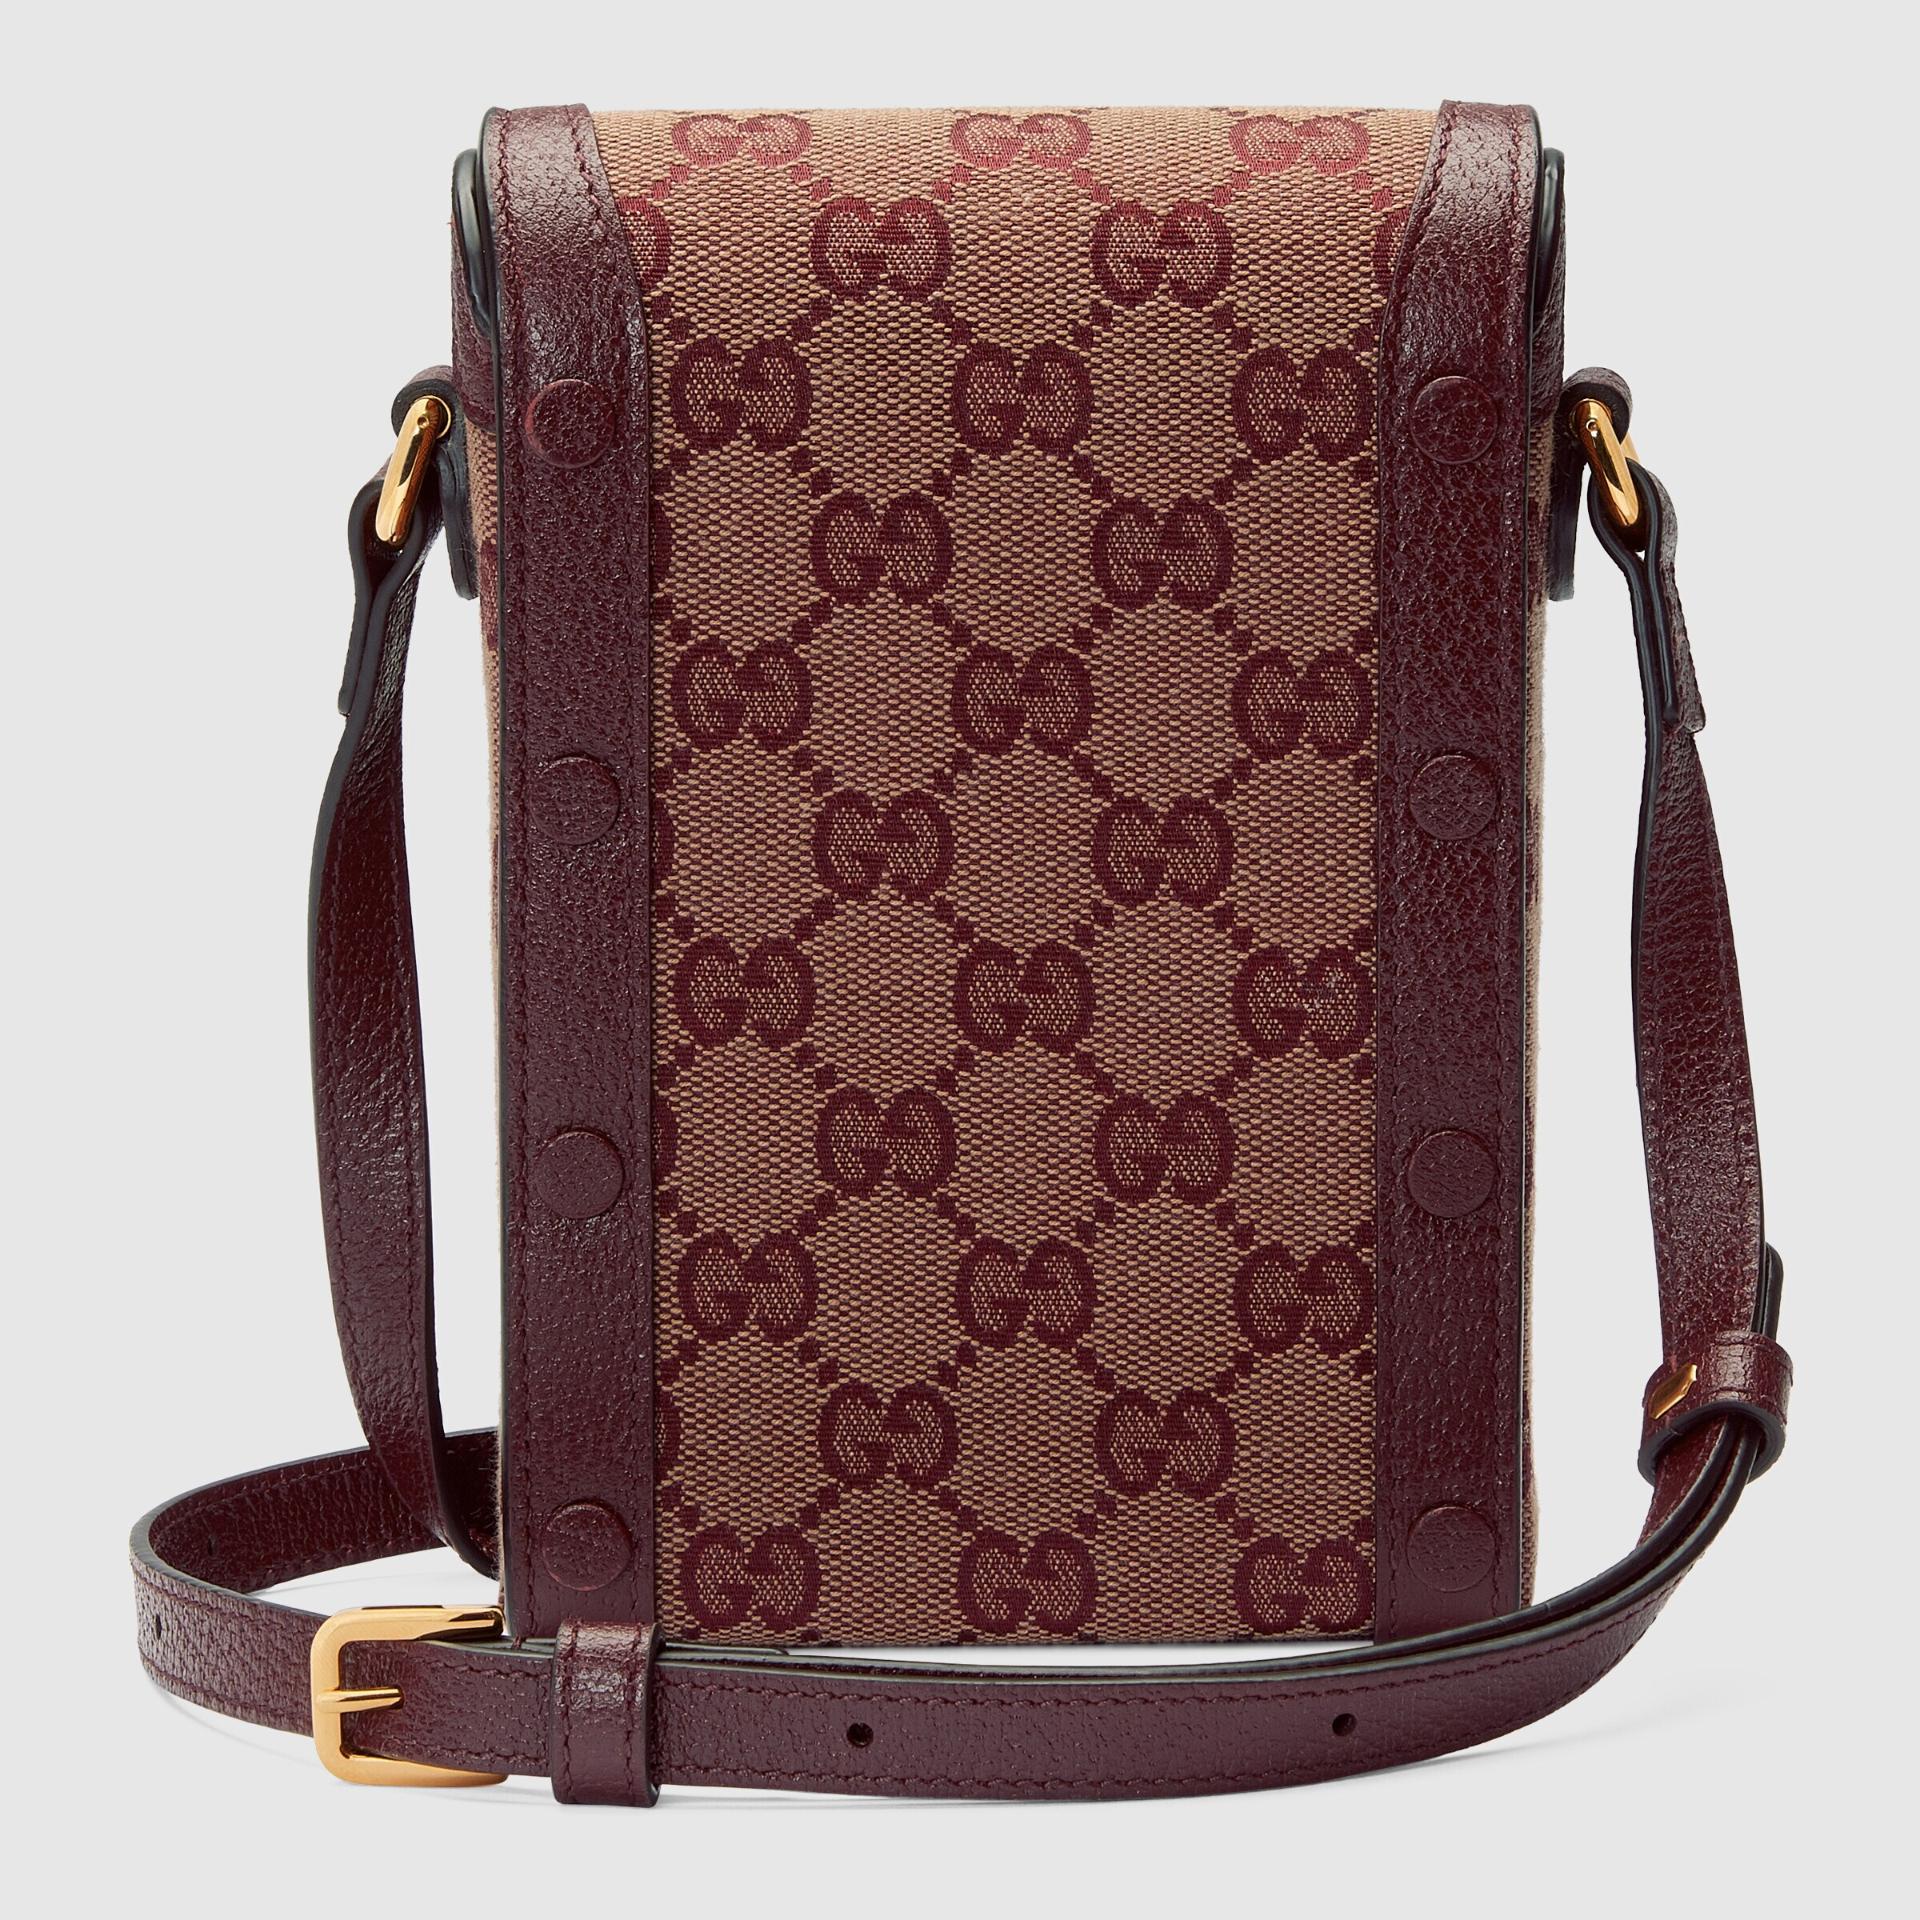 유럽직배송 구찌 GUCCI Gucci - Gucci Horsebit 1955 mini bag 625615F6B3G9865